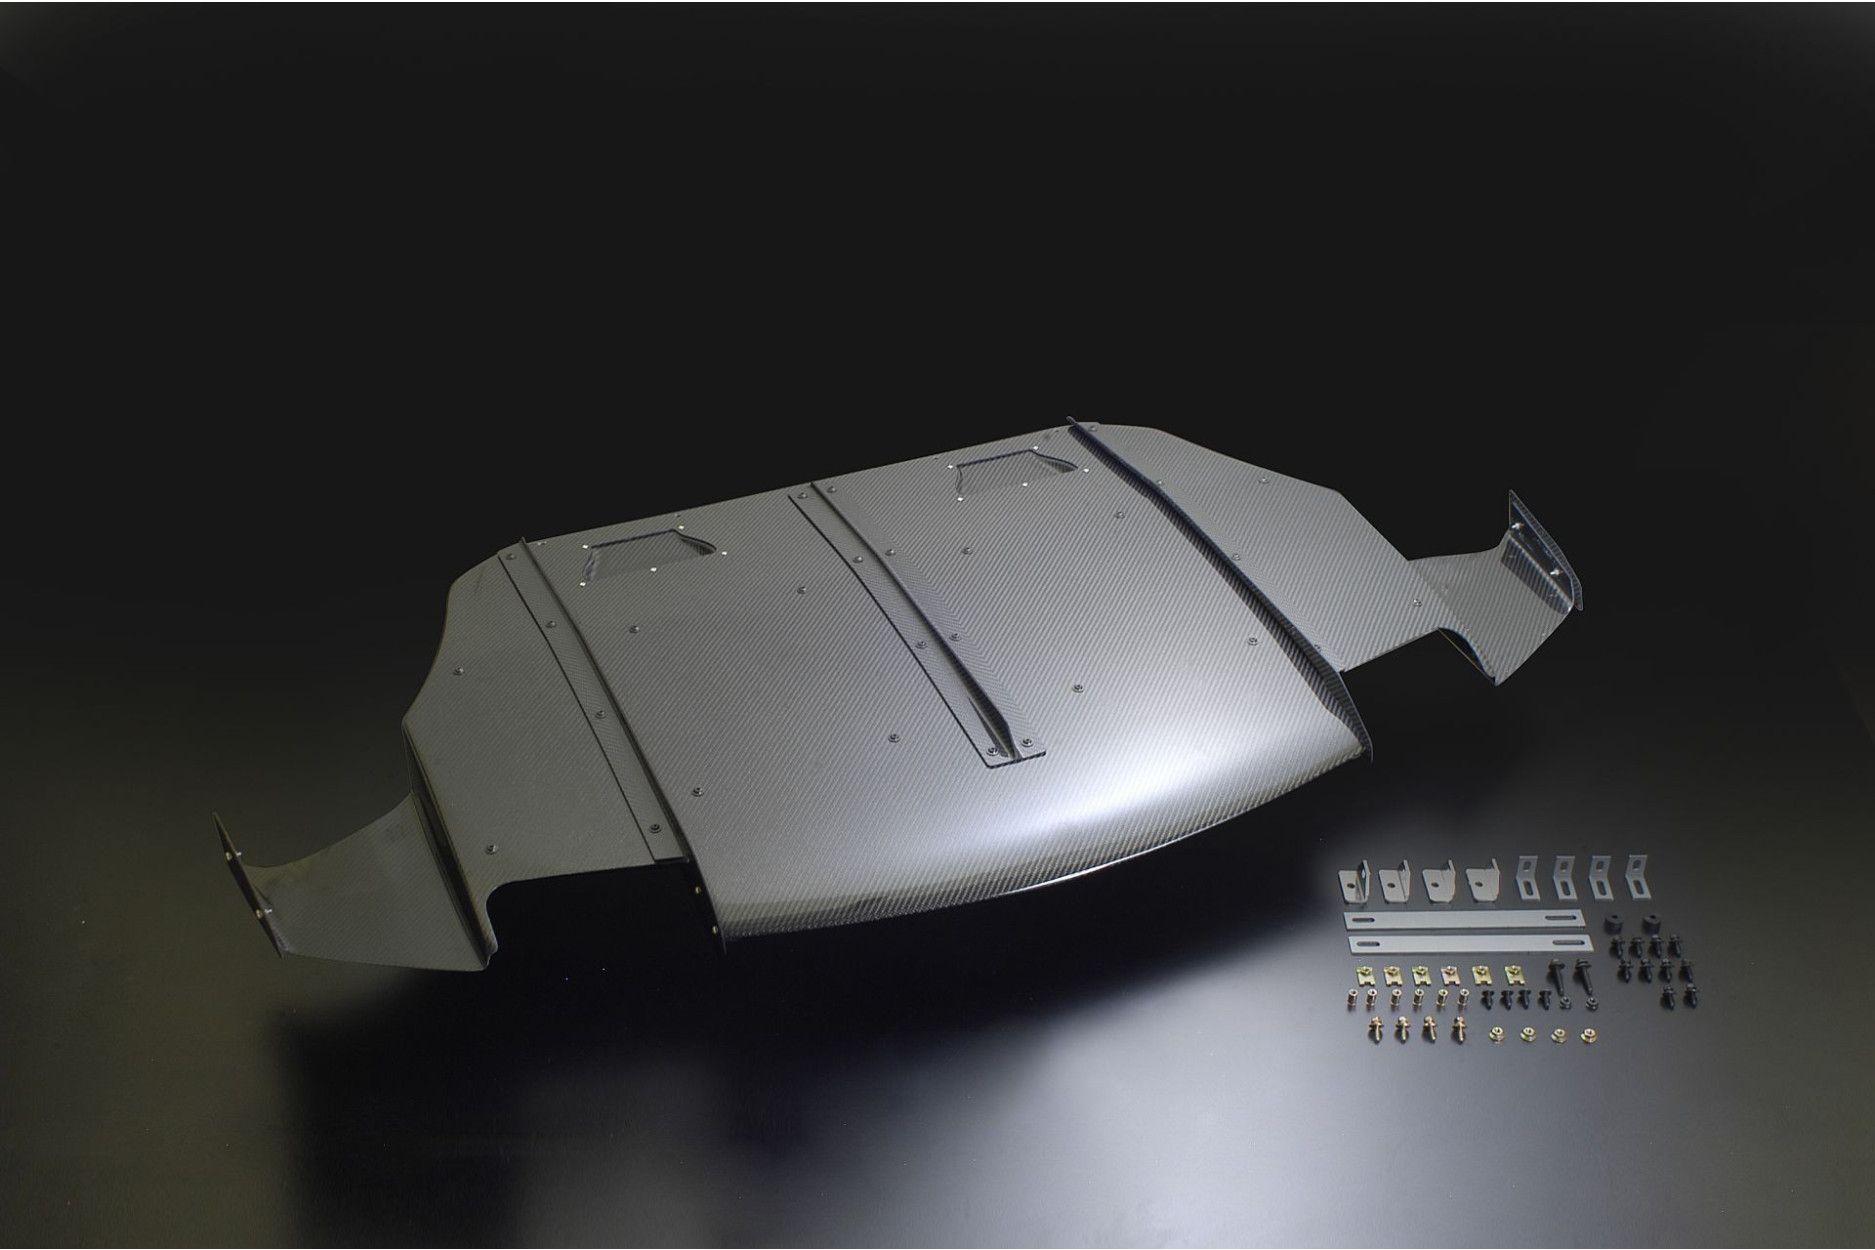 Varis diffuser system 1 for BMW E85 / E86 Z4M